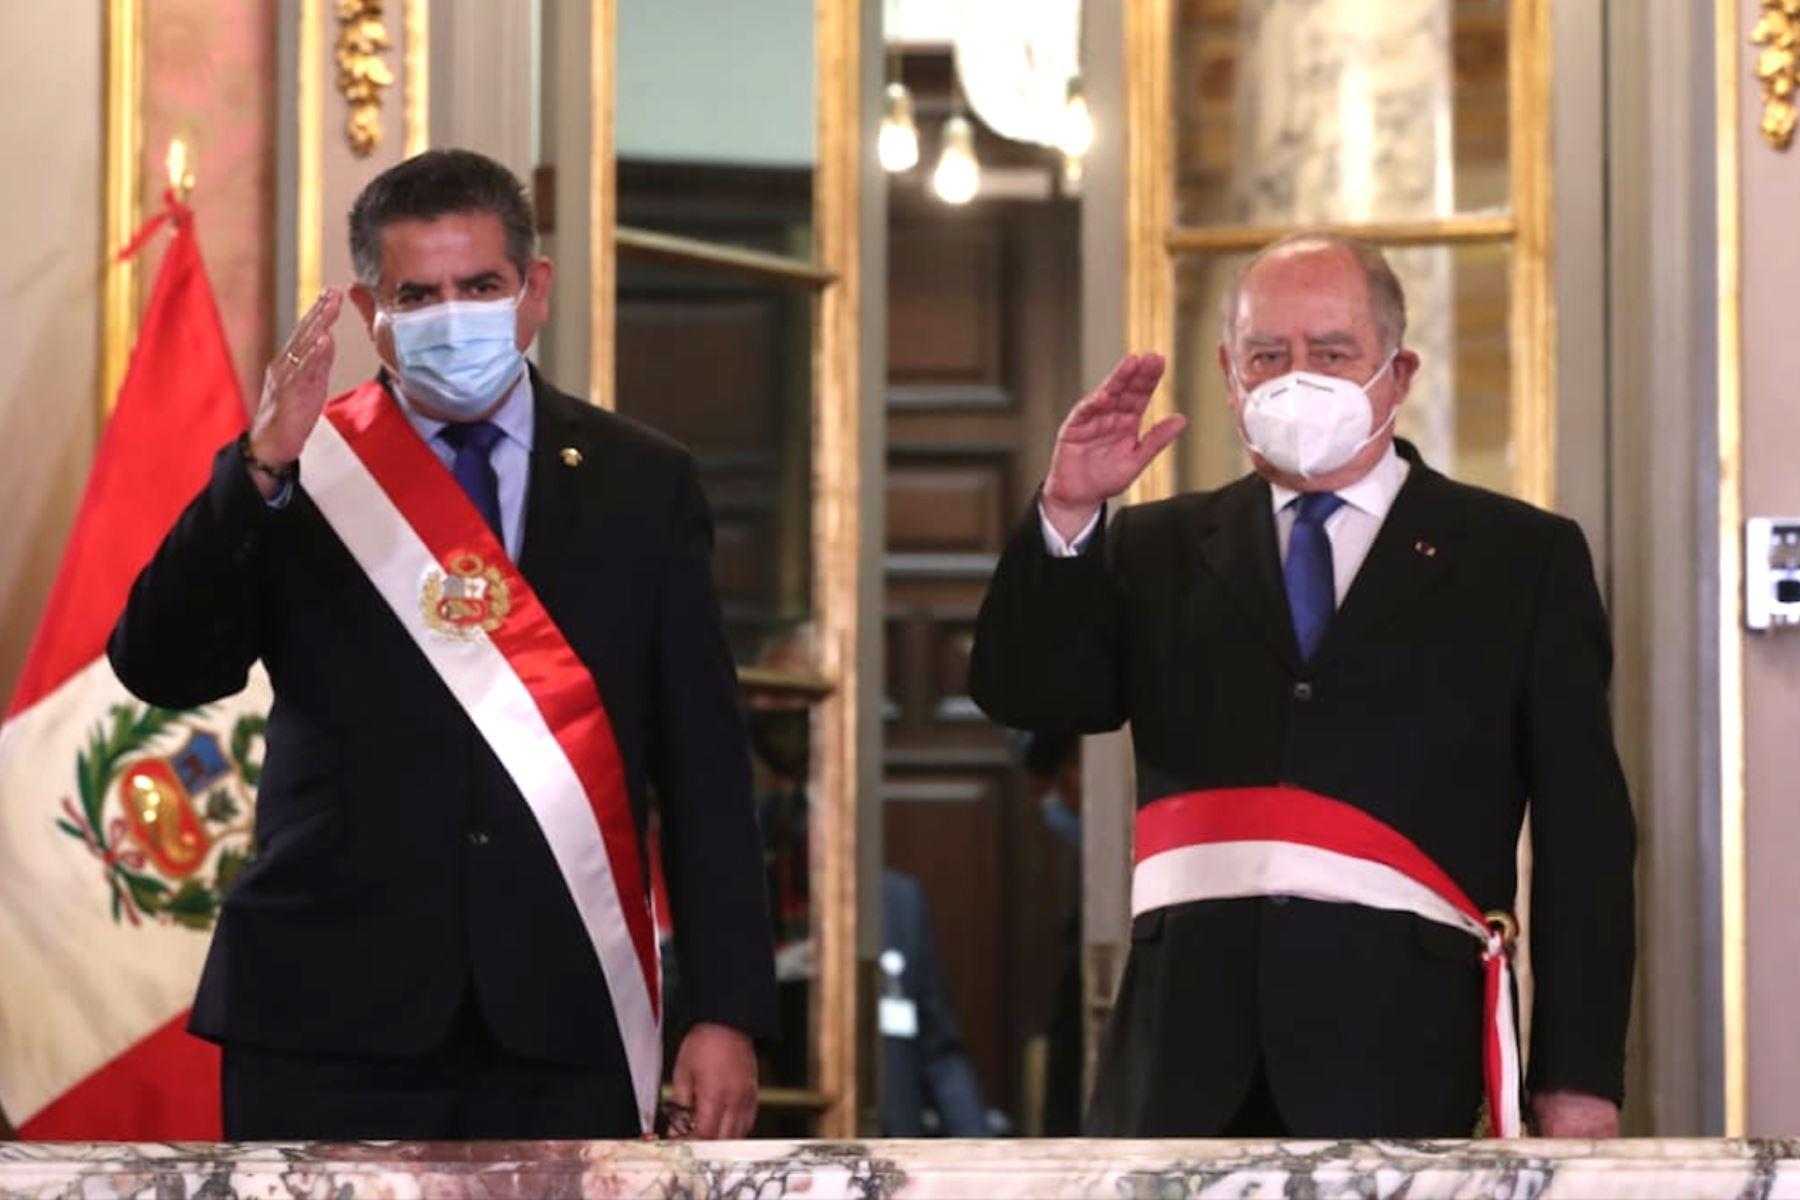 Quién es el realmente Ántero Flores Aráoz, el nuevo premier? | Servindi -  Servicios de Comunicación Intercultural